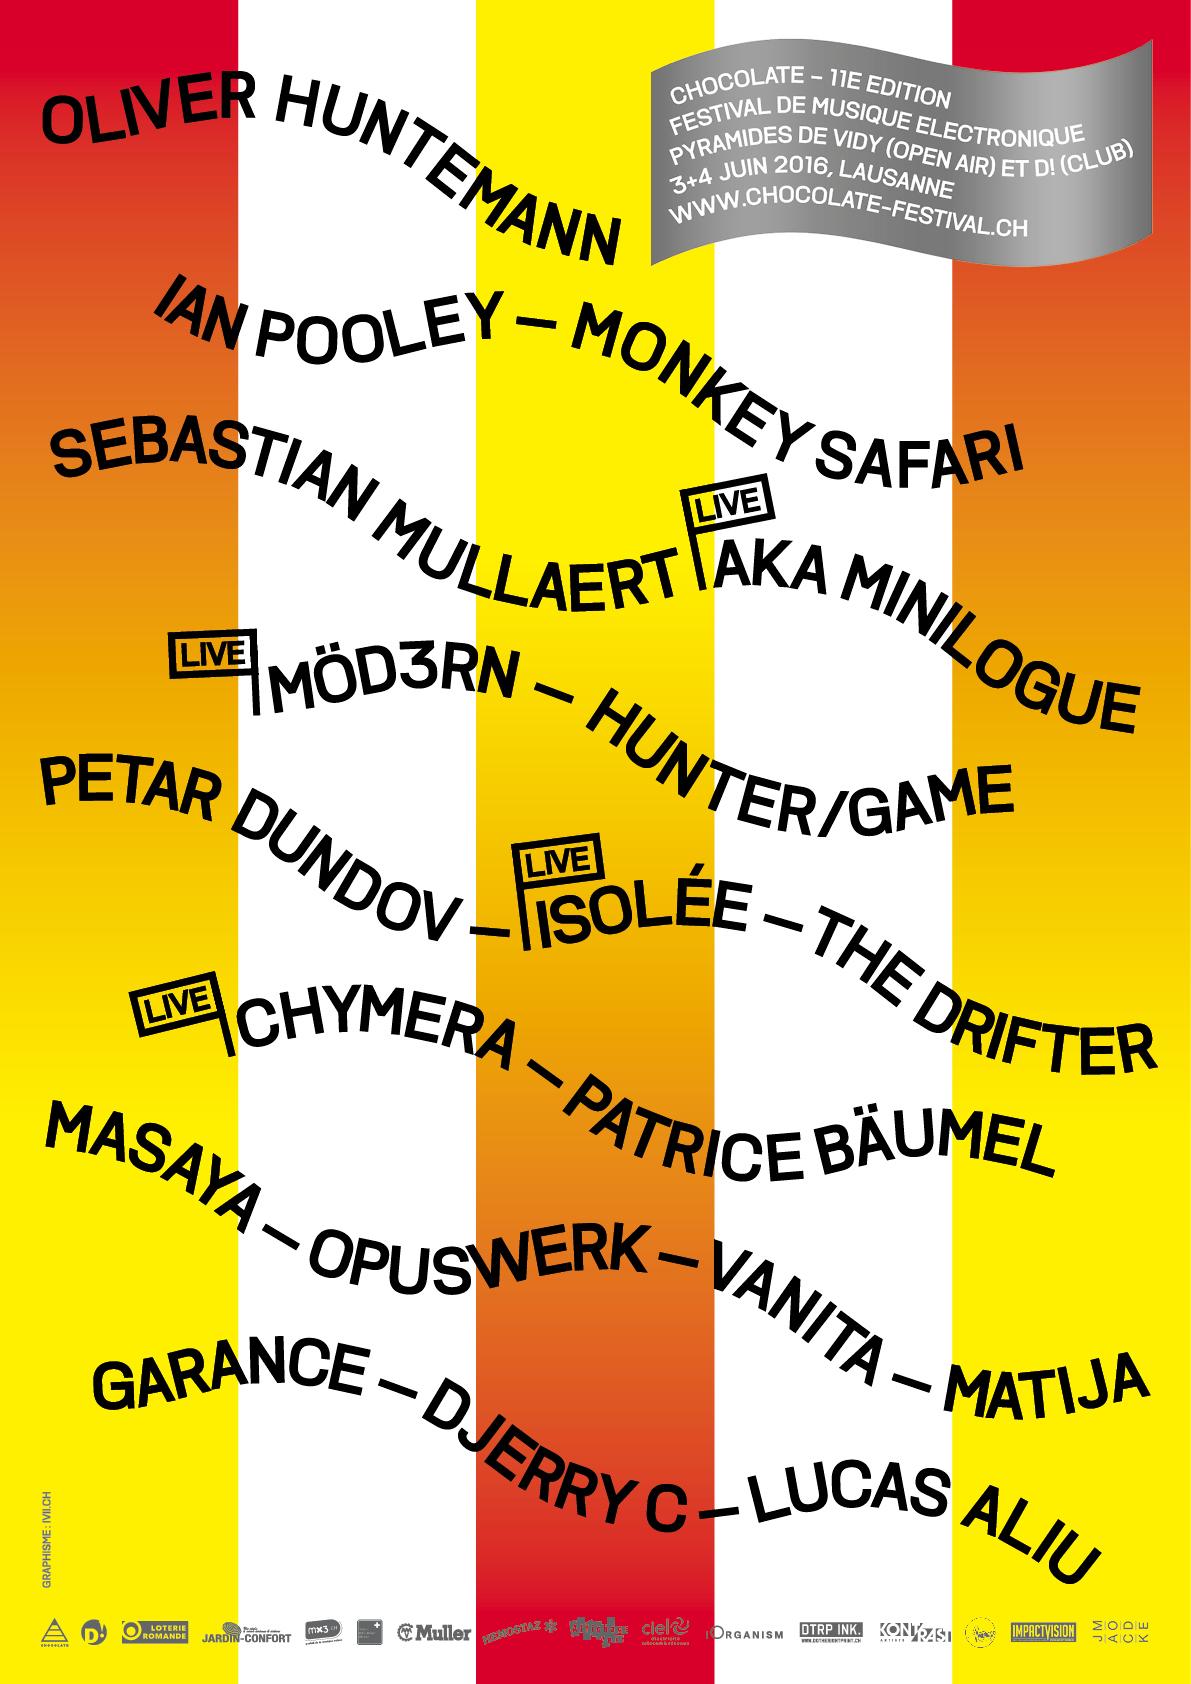 Chocolate 2016 - 3-4 juinOliver Huntemann (DE), Monkey Safari (DE), Ian Pooley (DE), Sebastian Mullaert aka Minilogue - Live! (SE), Hunter/Game (IT), Möd3rn - Live! (feat. Electric Rescue, Maxime Dangles & Traumer - FR), Petar Dundov (HR), Isolée - Live! (DE), Chymera - Live! (DE), The Drifter (DE), Patrice Bäumel (NL), Masaya (CH), Opuswerk (CH), Vanita (CH), Garance (CH), Djerry C (CH), Lucas Aliu (CH).After-party : D! ClubAffluence : 4'500 personnes— Photo— Video